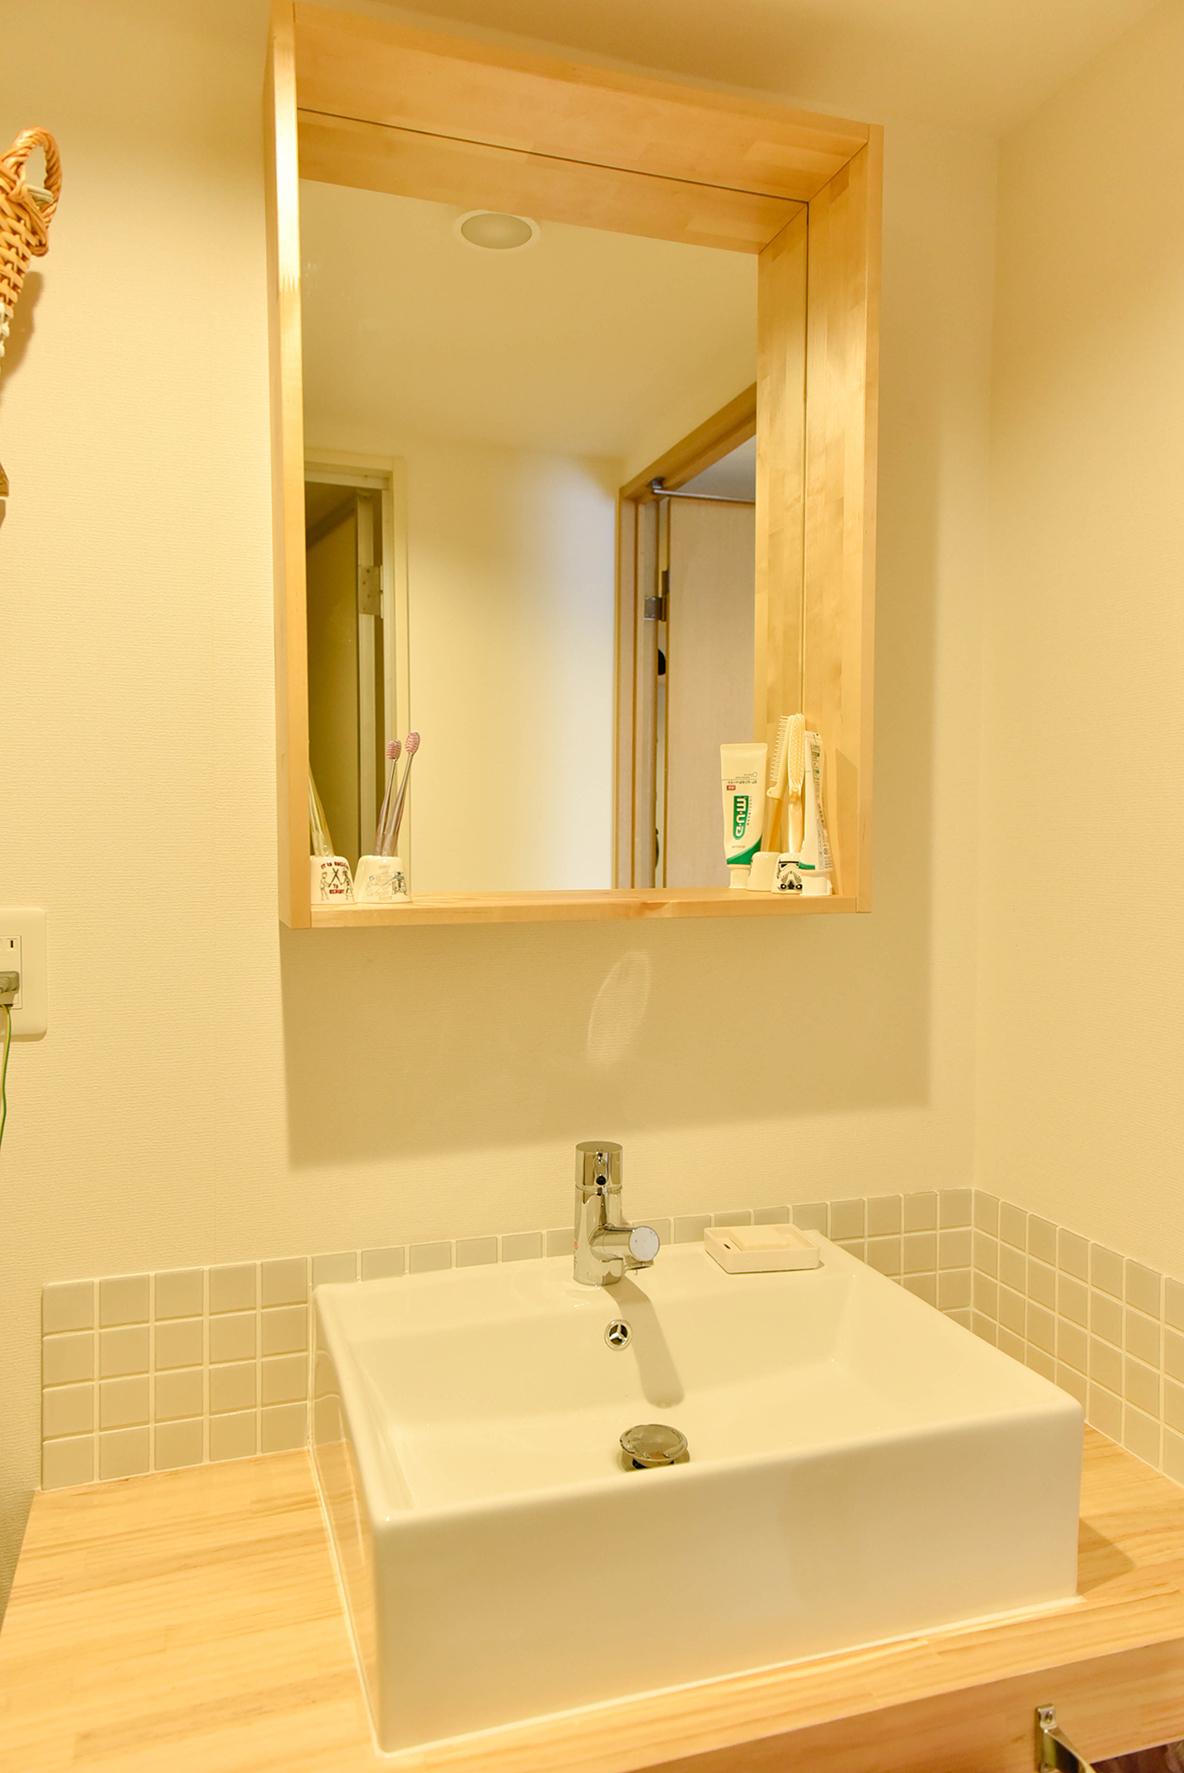 木の風合いがかわいい洗面所